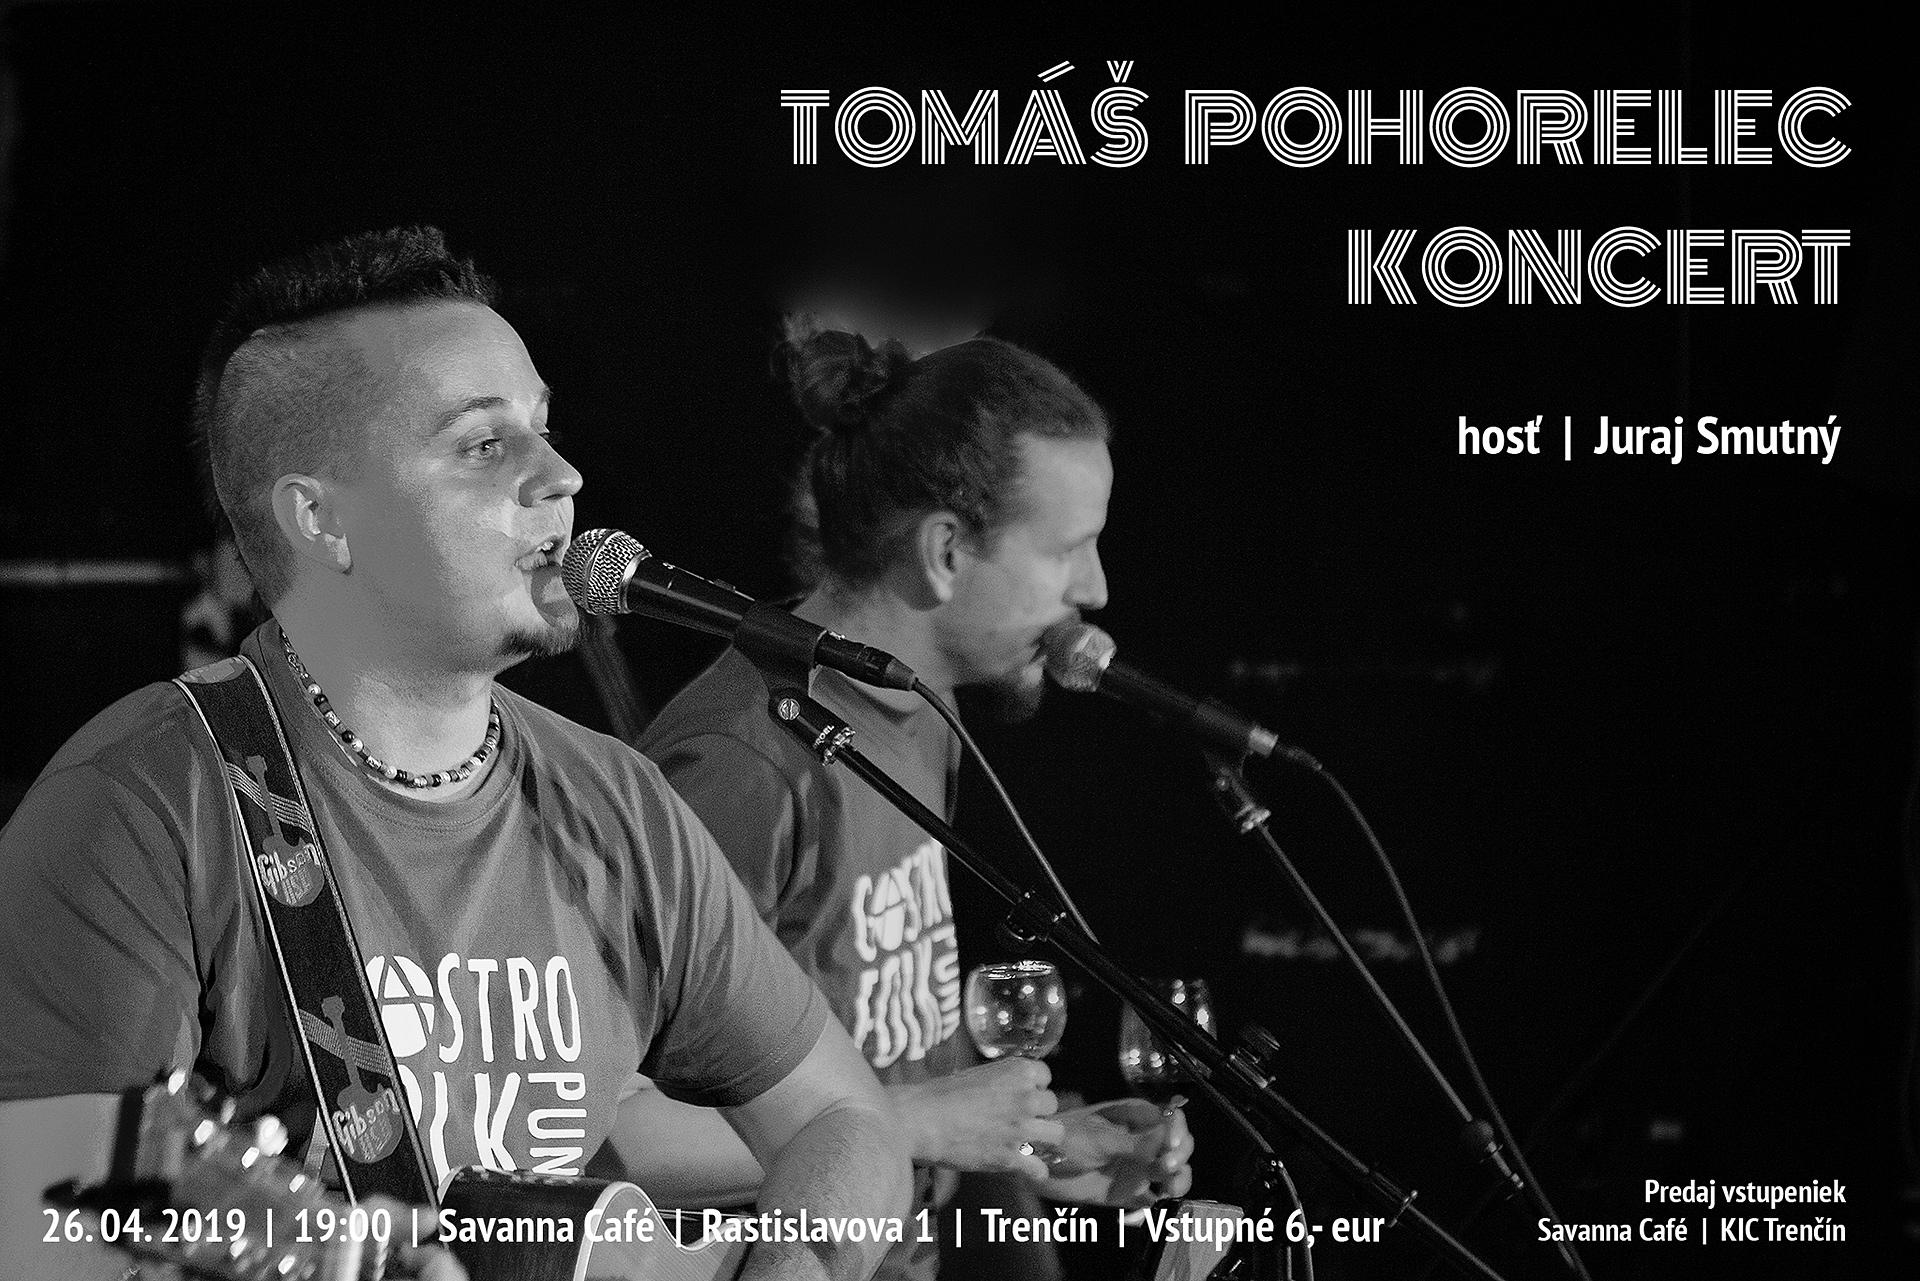 Koncert Tomáša Pohorelca s hosťom Jurajom Smutným